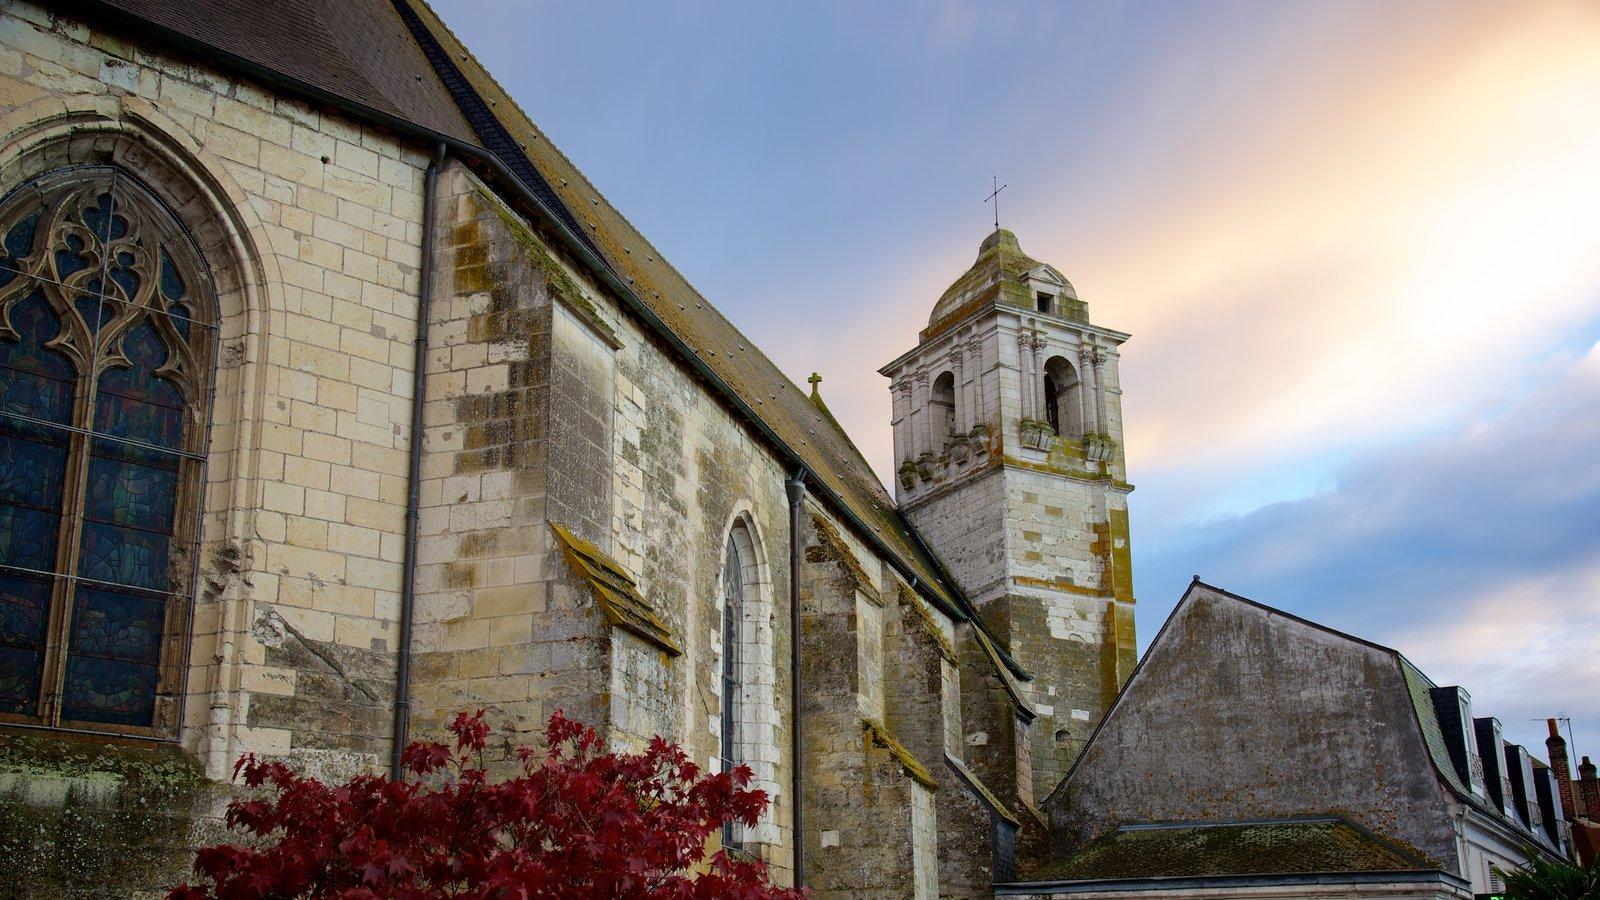 Amboise mostrando elementos de patrimônio e uma igreja ou catedral